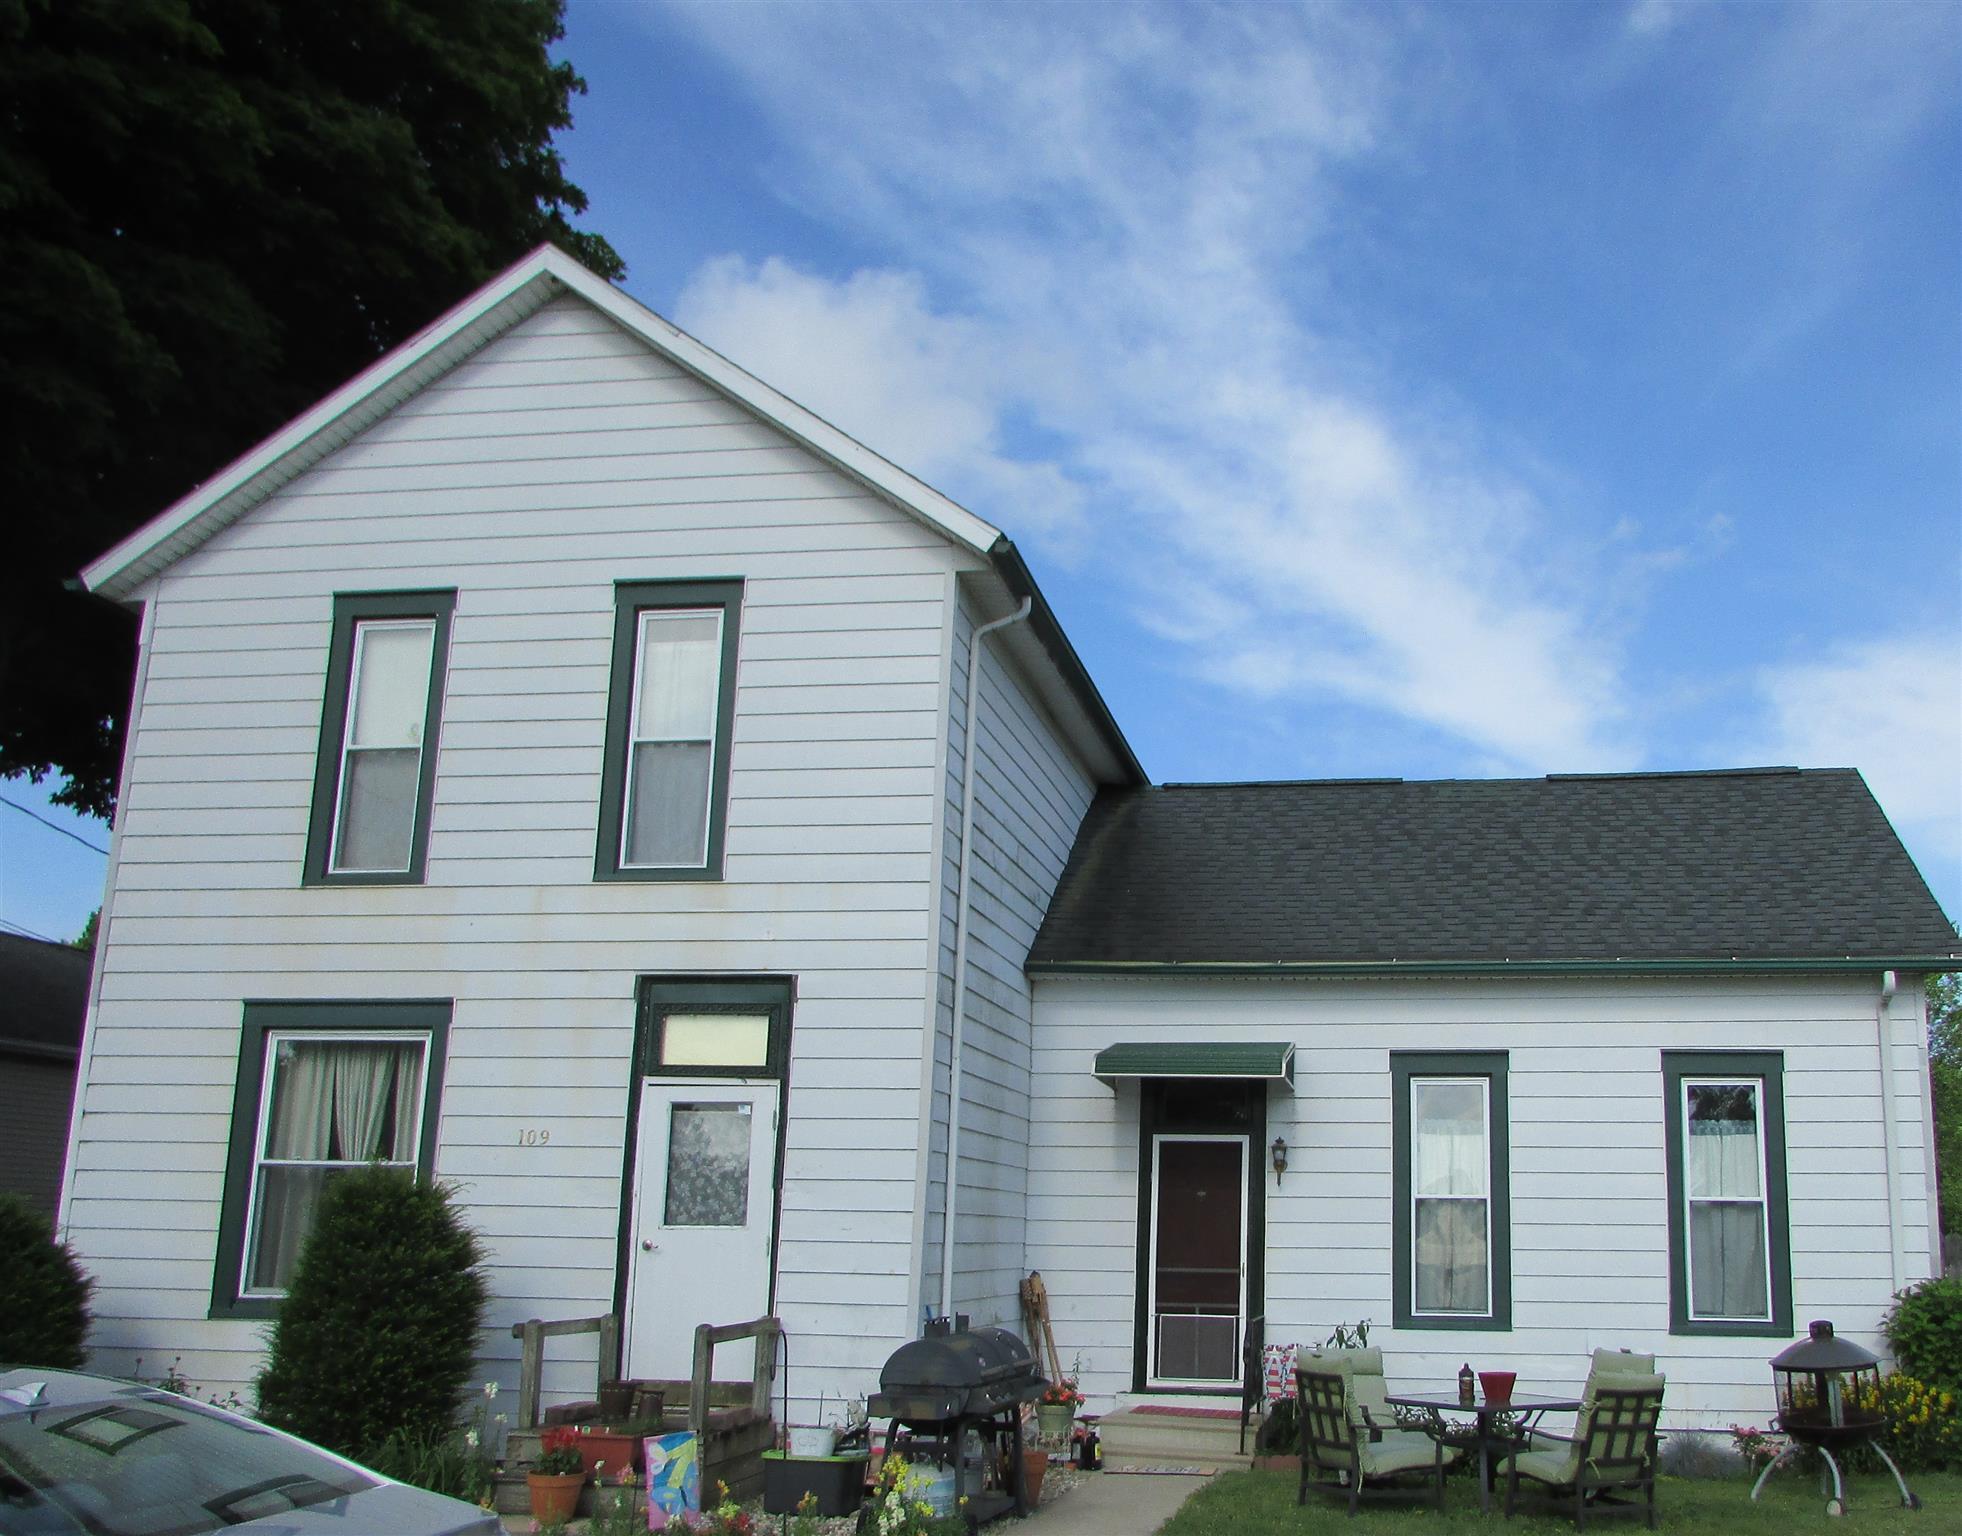 109 N Fourth Street, Pierceton, IN 46562